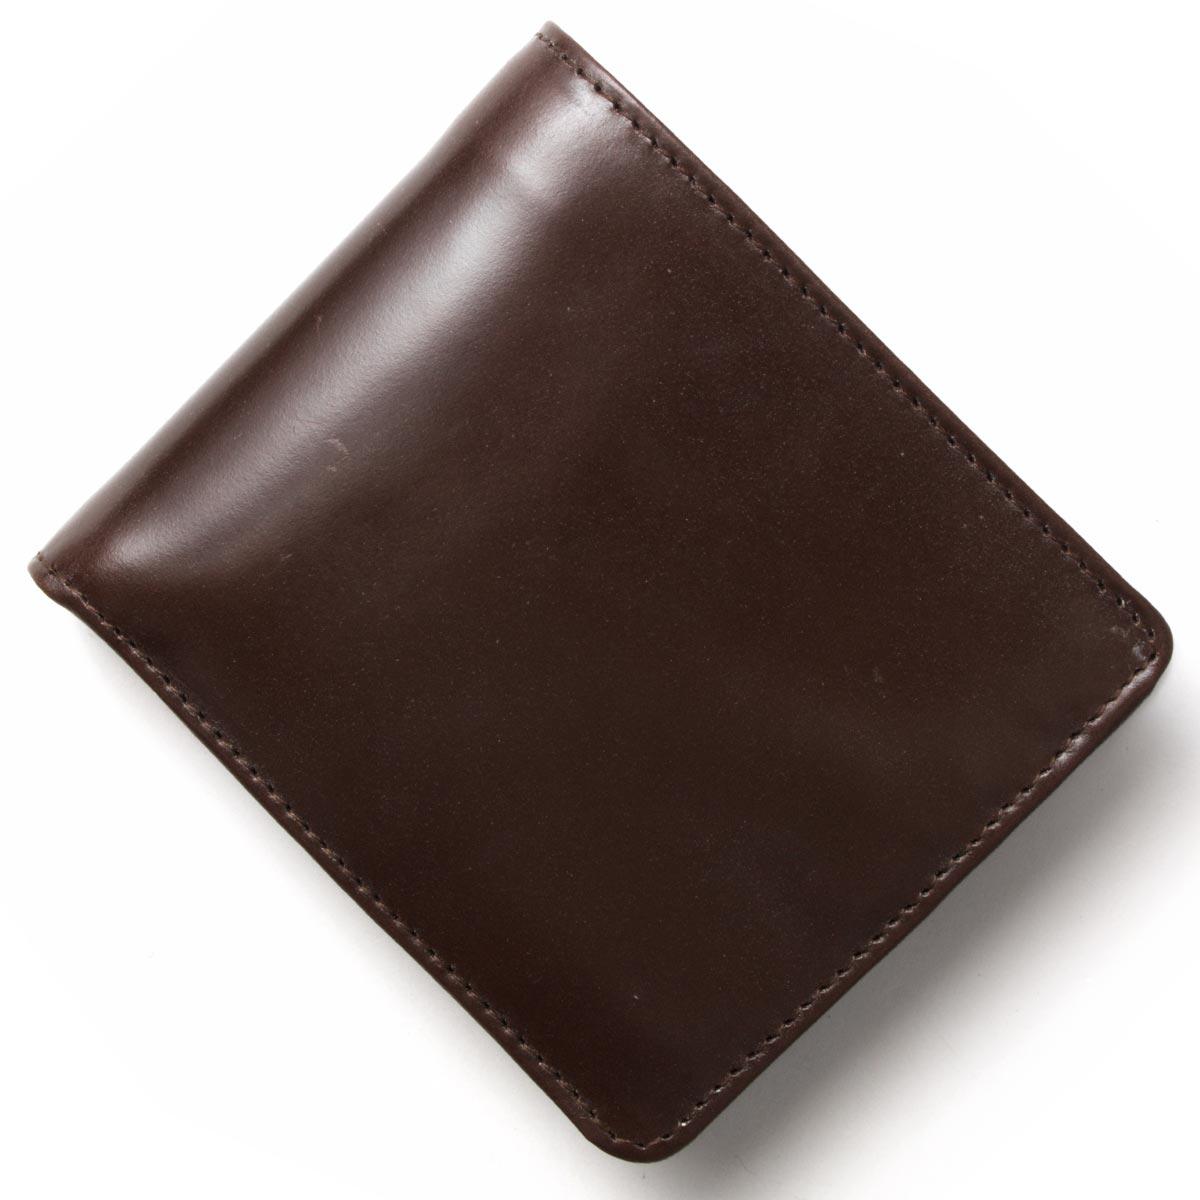 グレンロイヤル 二つ折り財布 財布 メンズ シガーブラウン 034128 CIGAR GLENROYAL